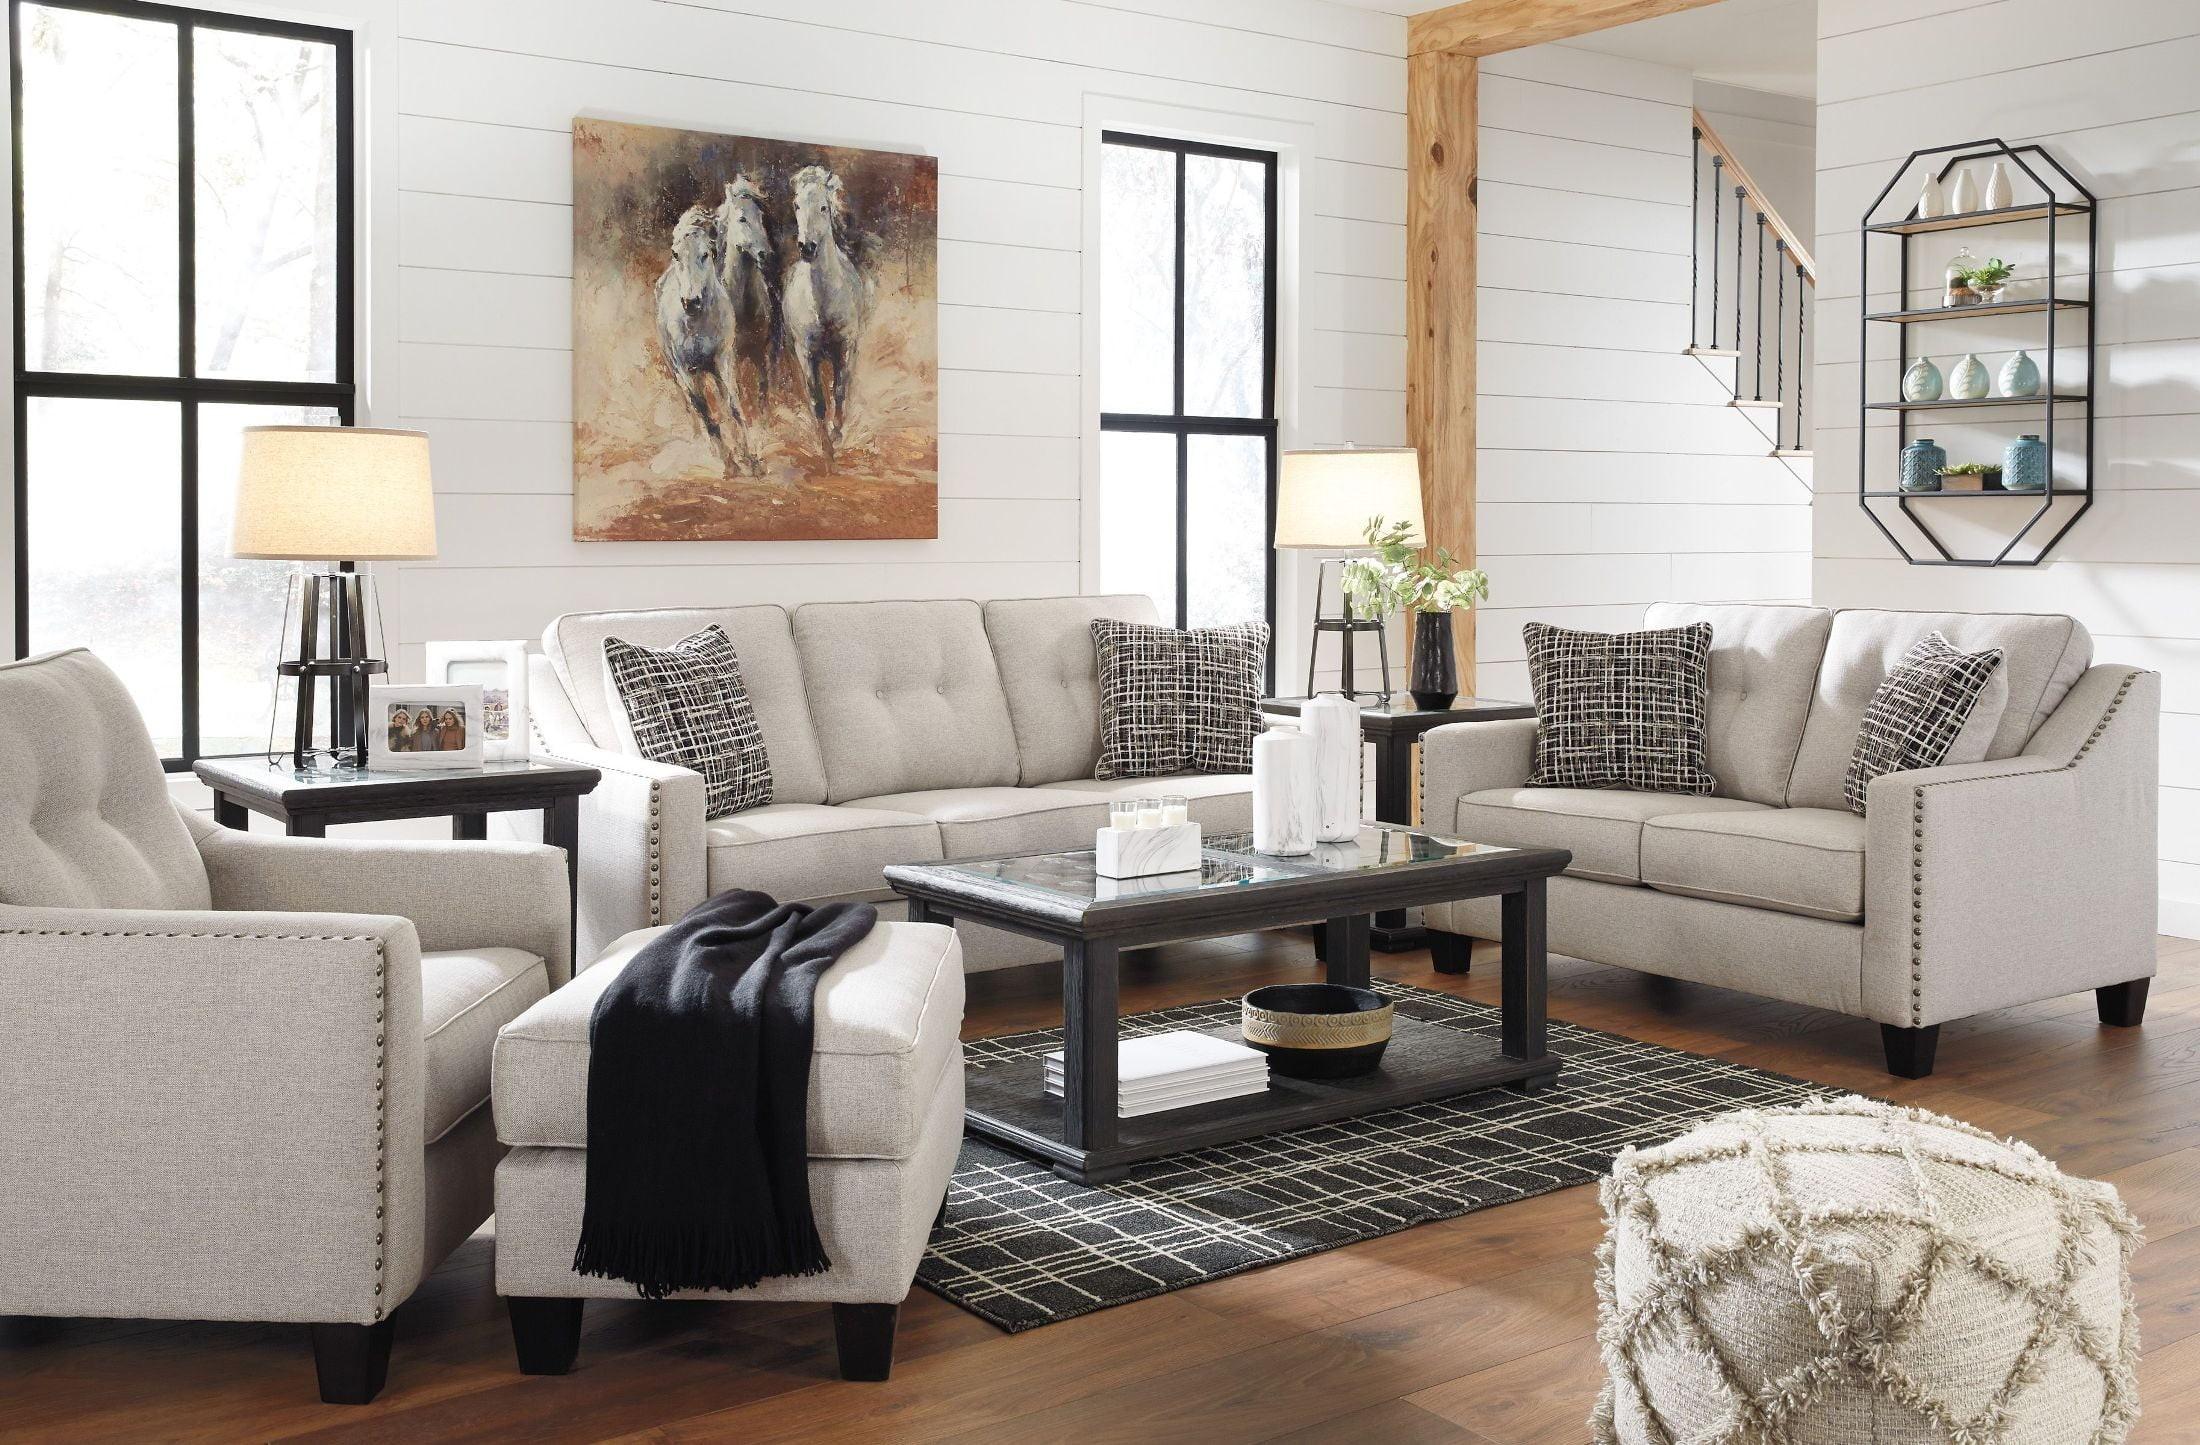 furnitureetc furniture more marrero cream living room set from rh furnitureetc com cream tufted living room set cream tufted living room set